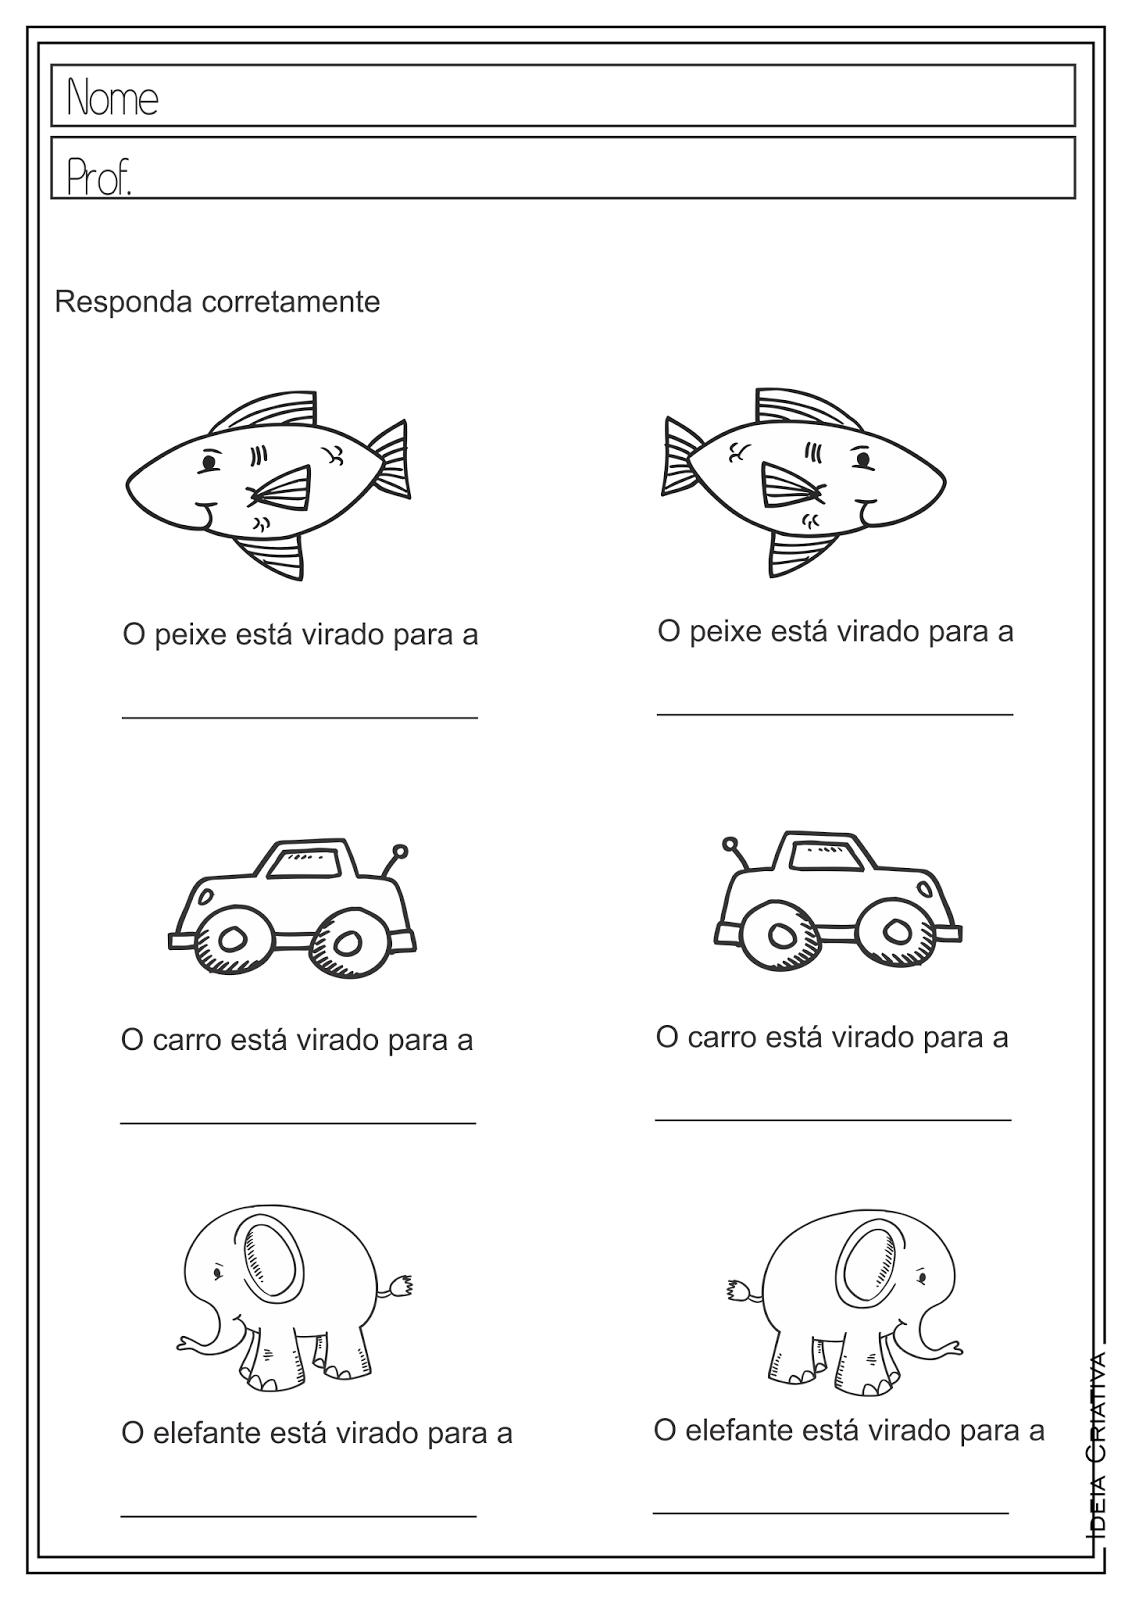 Desenhar Planta Online Lipitipi Atividades E Projetos Fundamental I Atividades